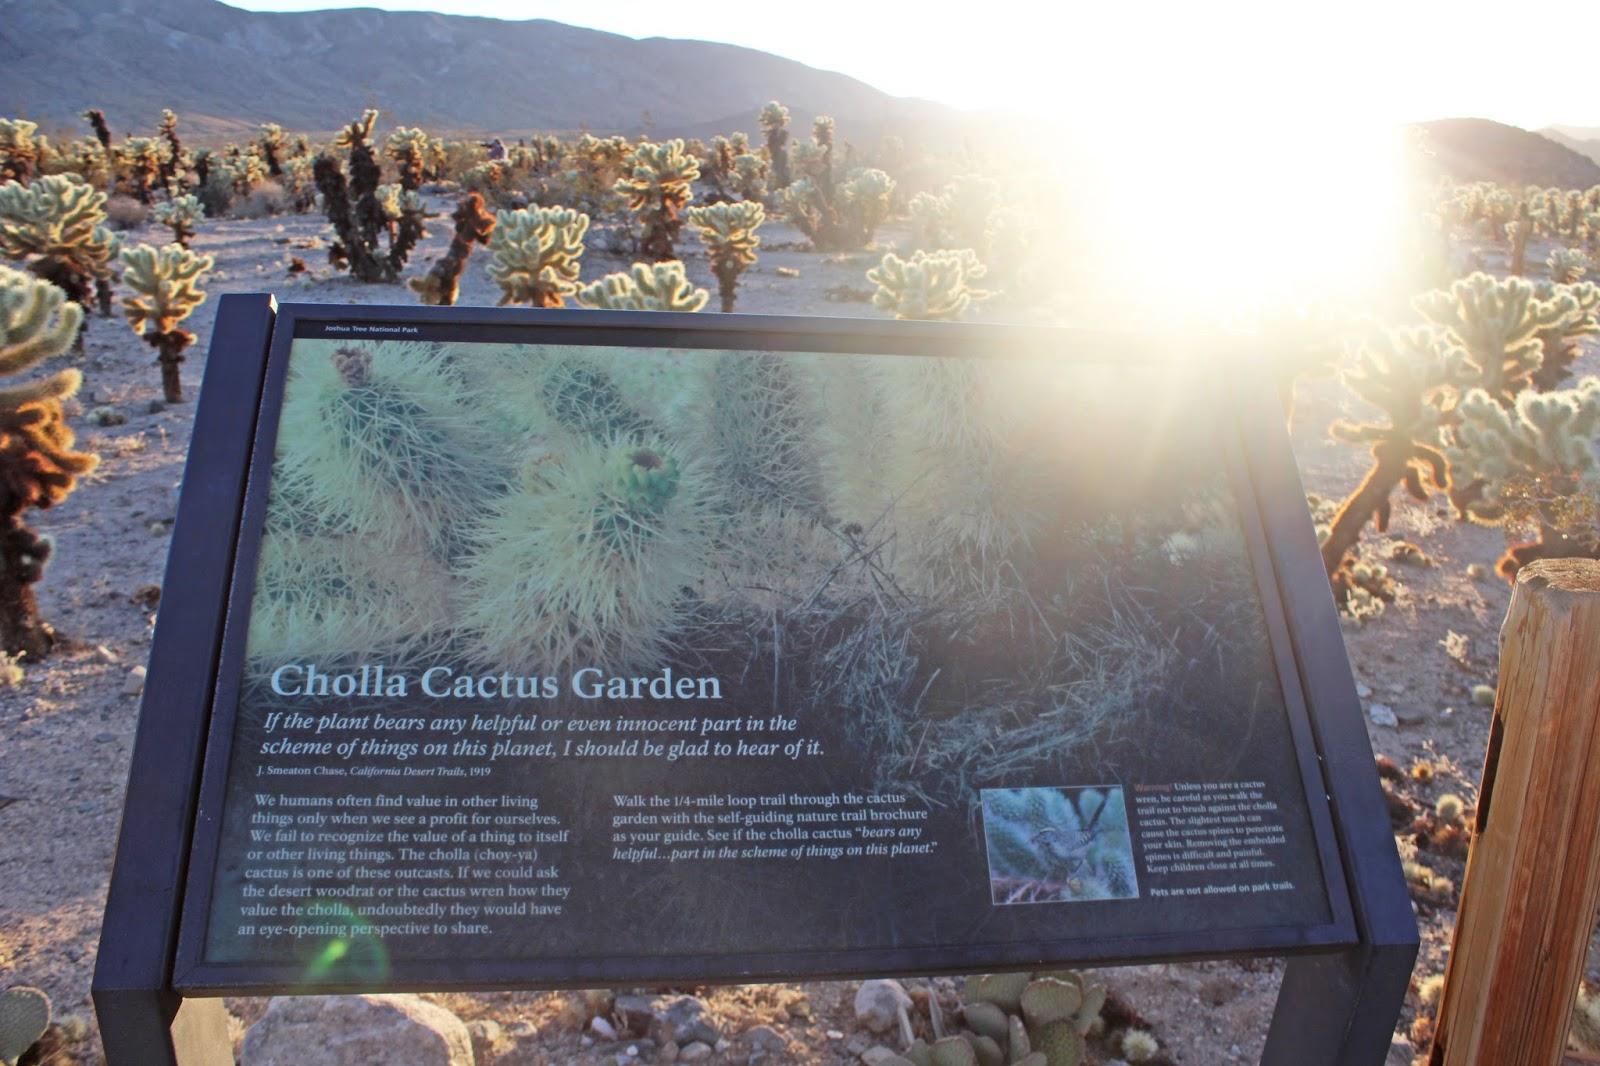 cholla cactus garden sunset 3